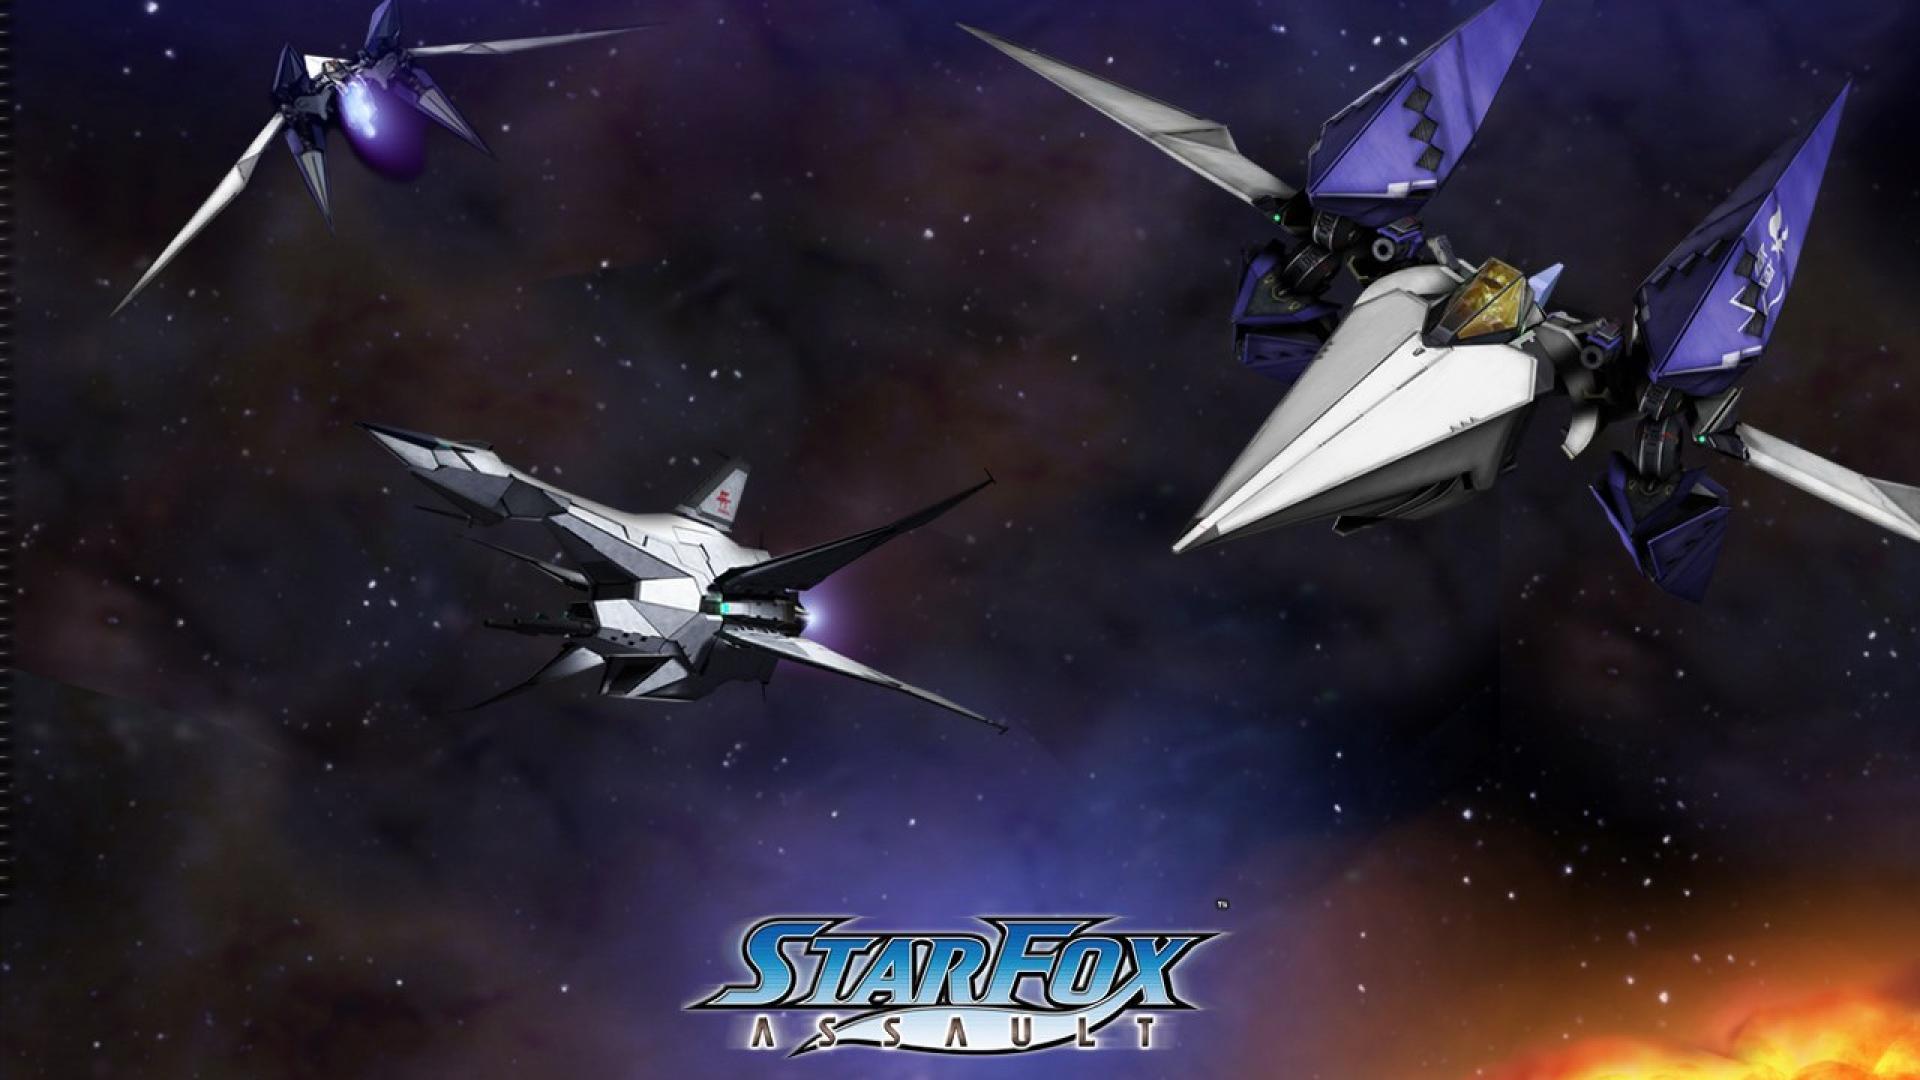 1920x1080_starfox-assault-ships-nintendo-games-HD-Wallpaper